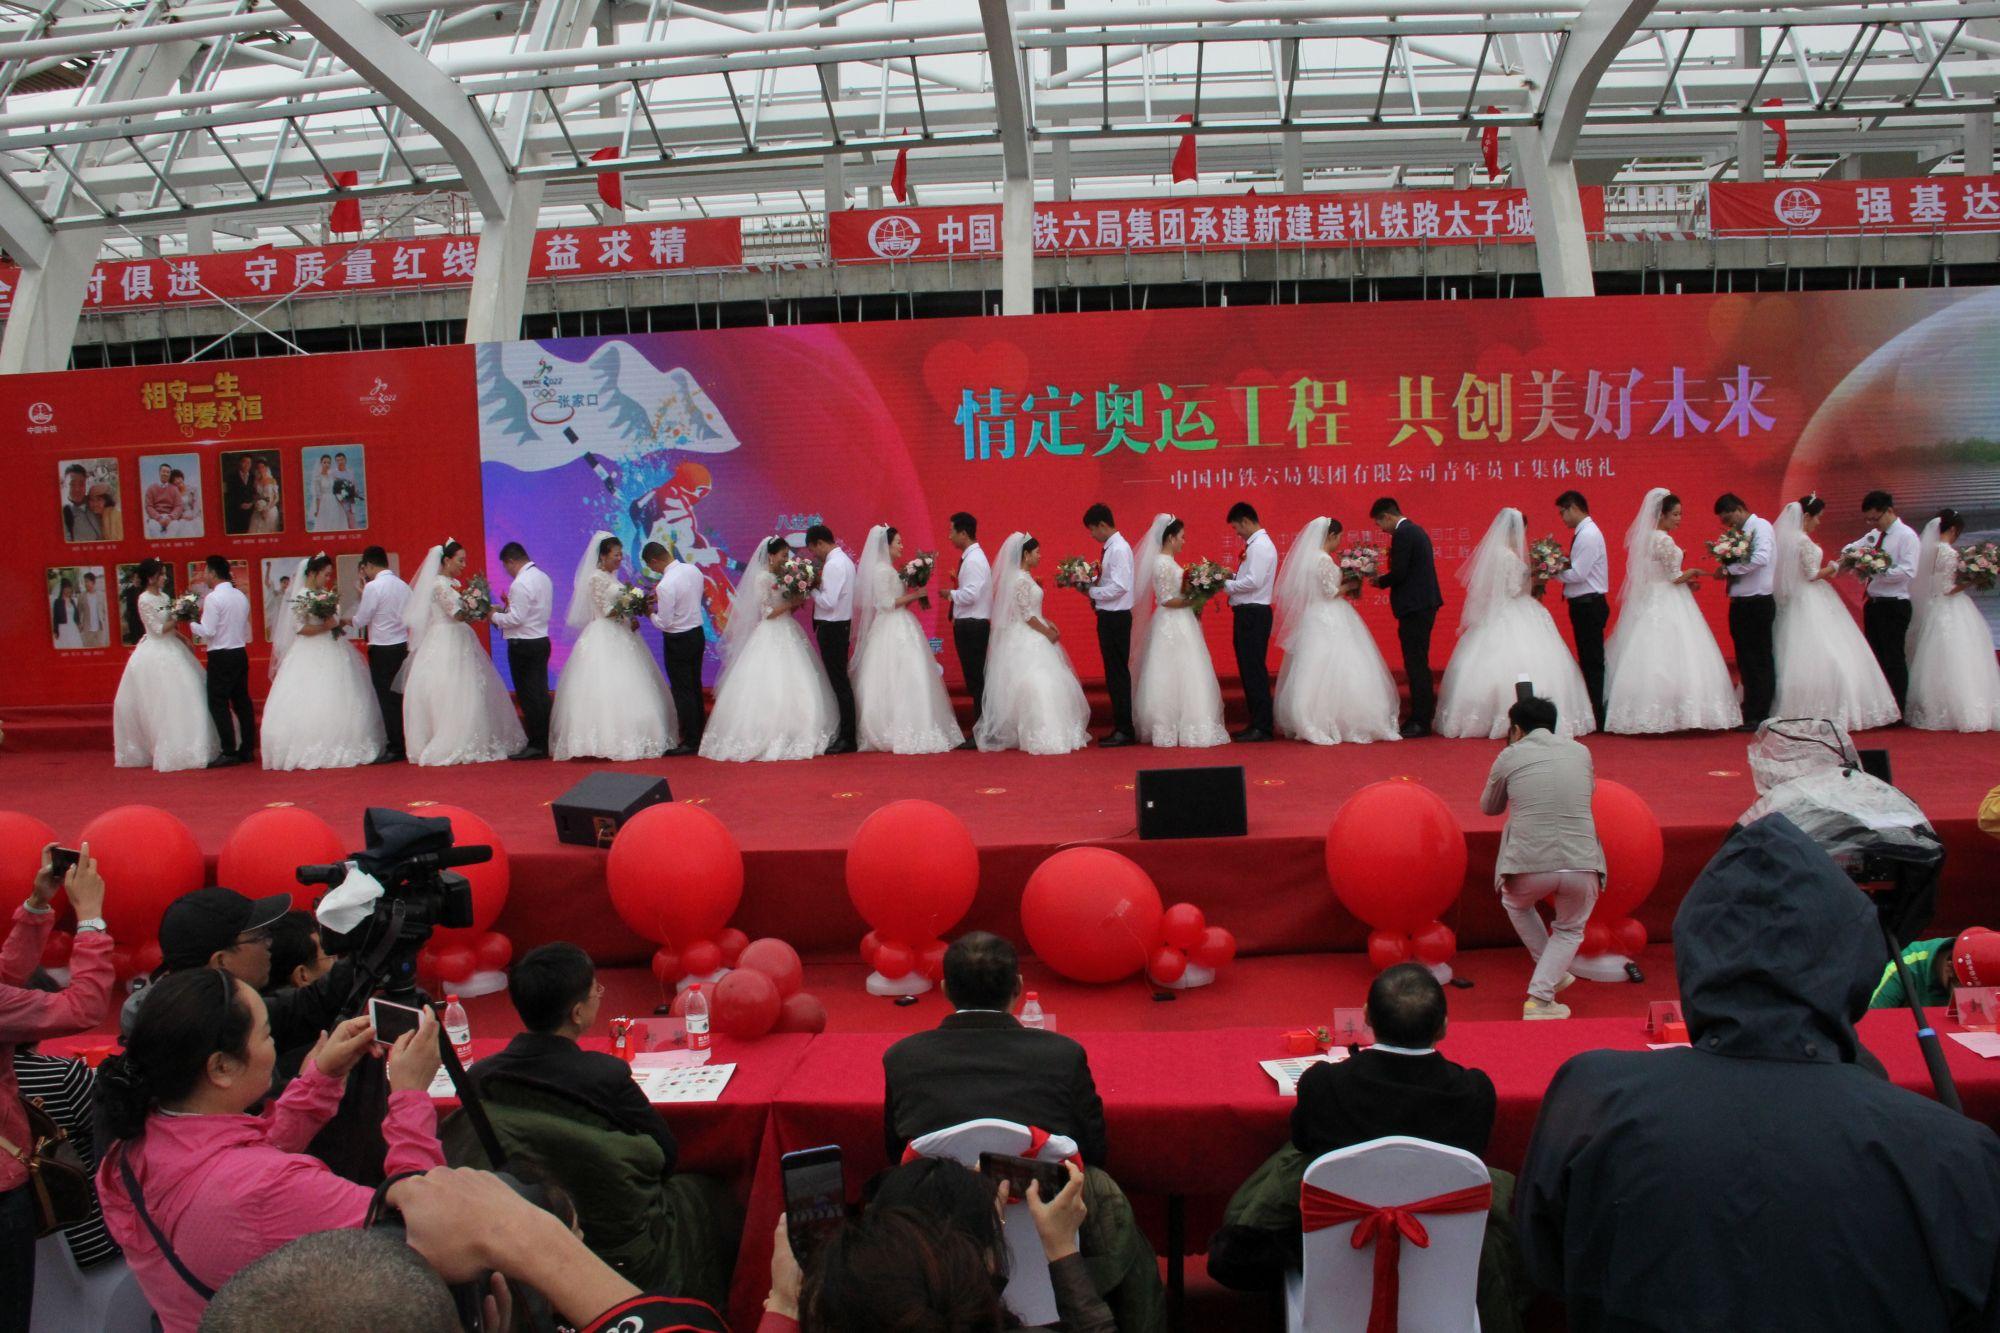 京张高铁太子城车站喜迎集体婚礼